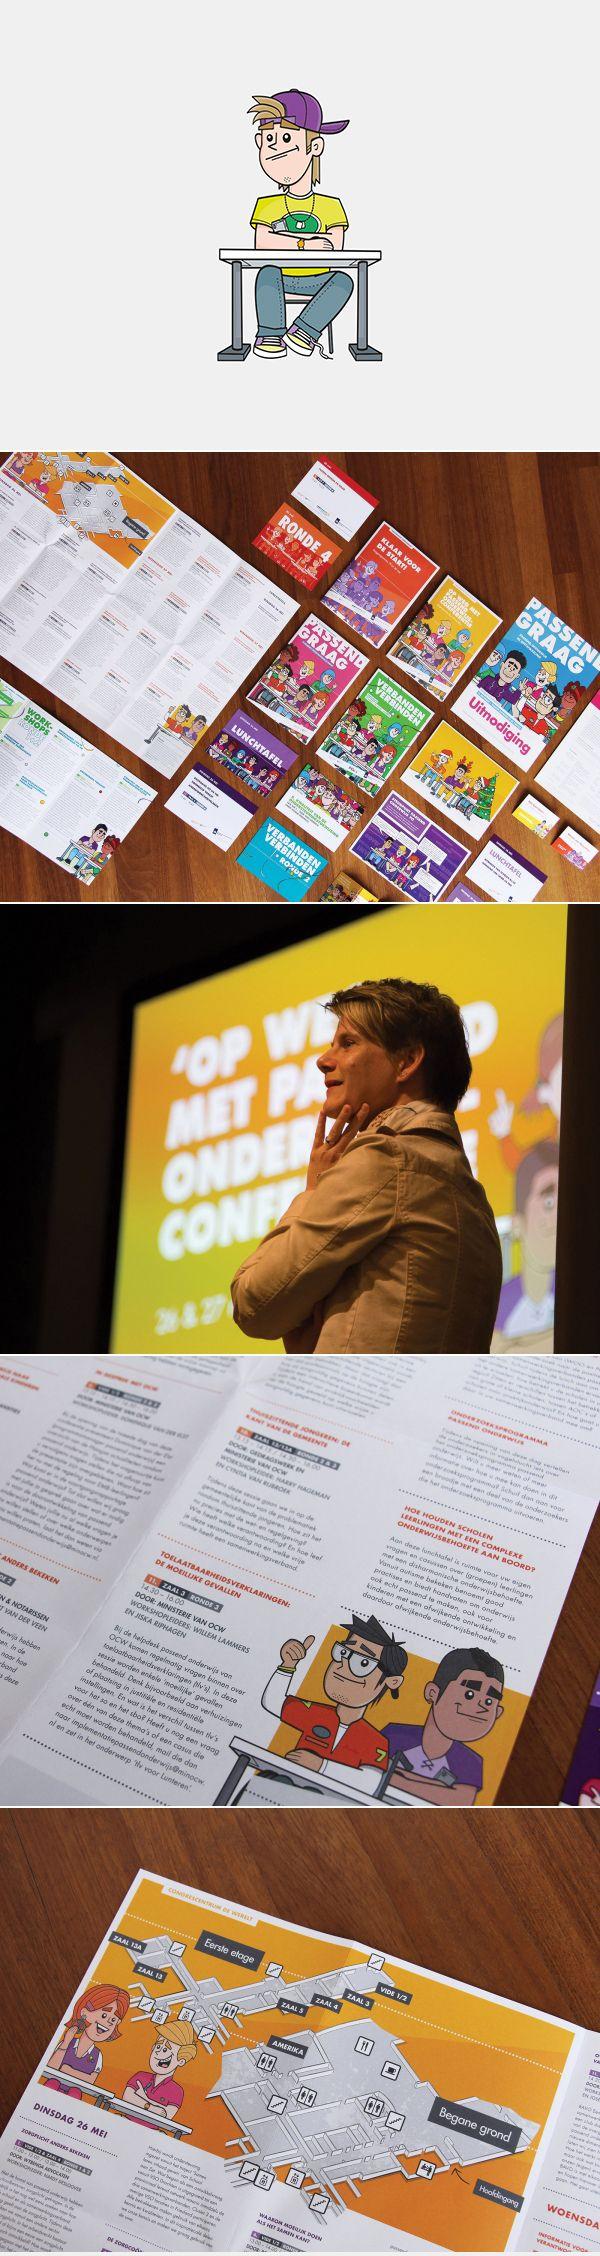 Opdracht: ontwikkeling van een visuele identiteit ter ondersteuning van het project Steunpunt Passend Onderwijs.